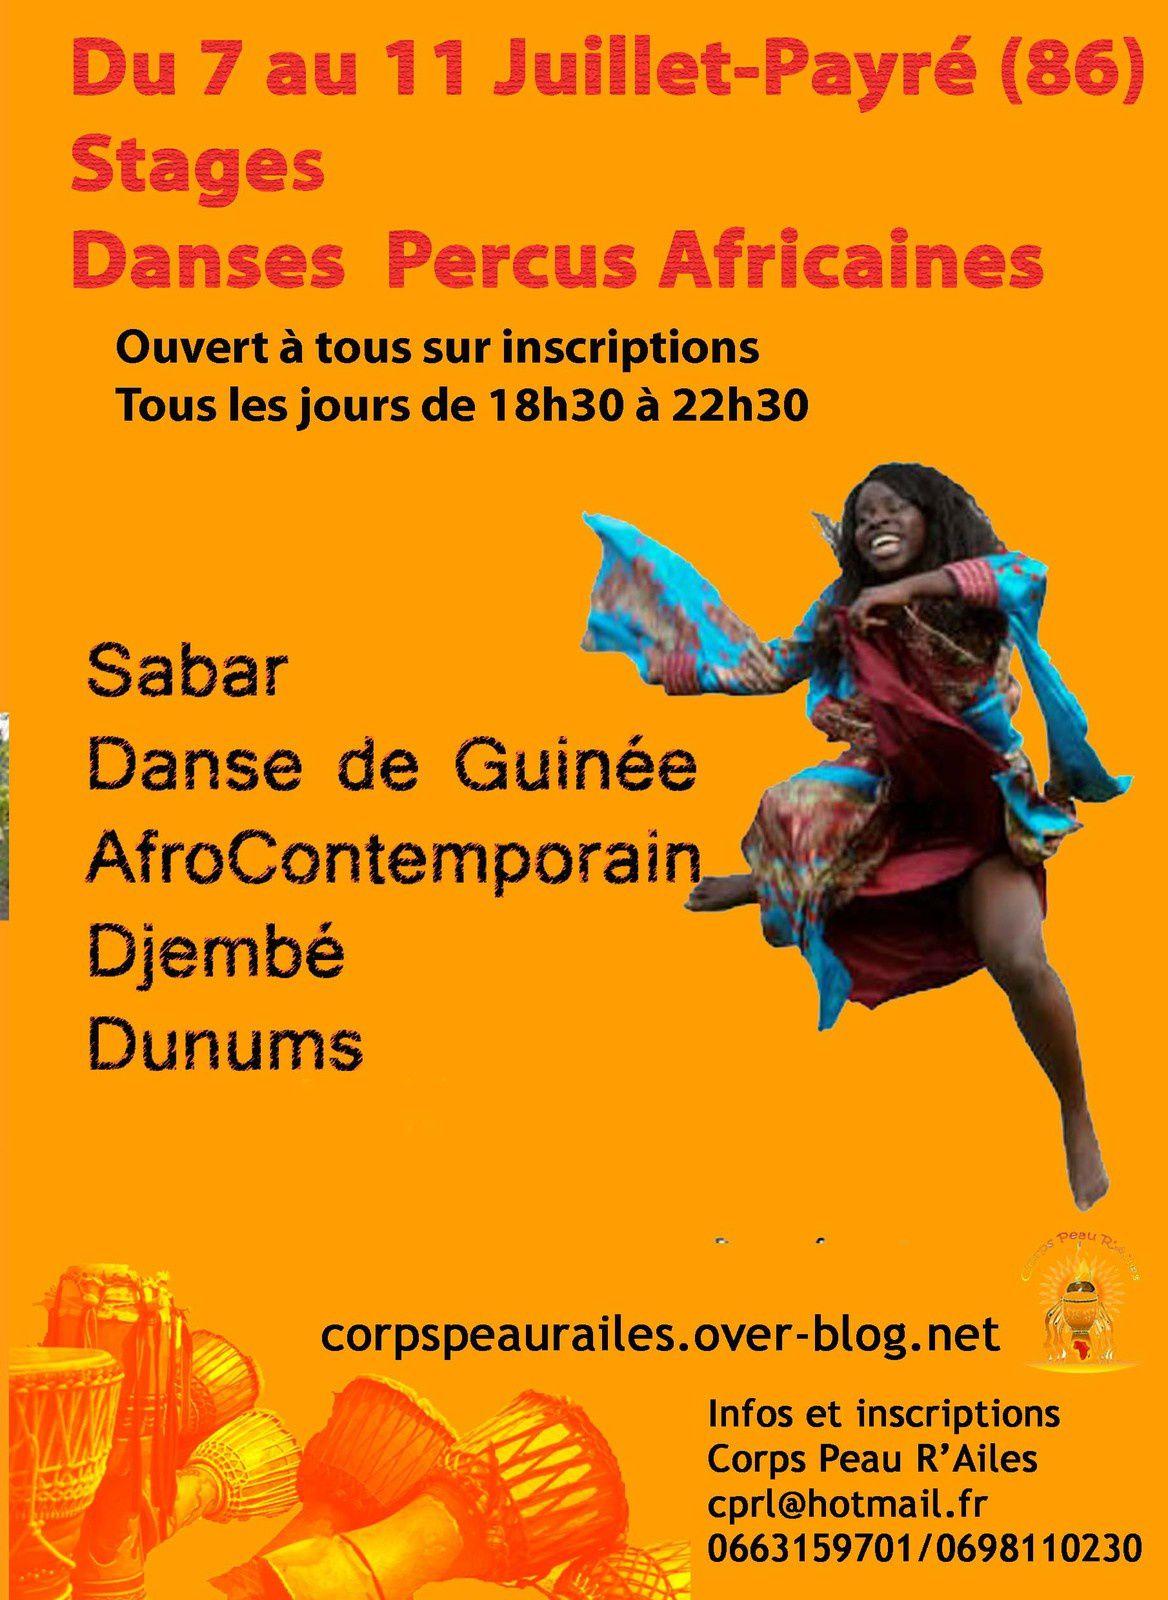 stage d'été danses et percussions africaines à 20 minutes de Poitiers avec Corps Peau R'Ailes